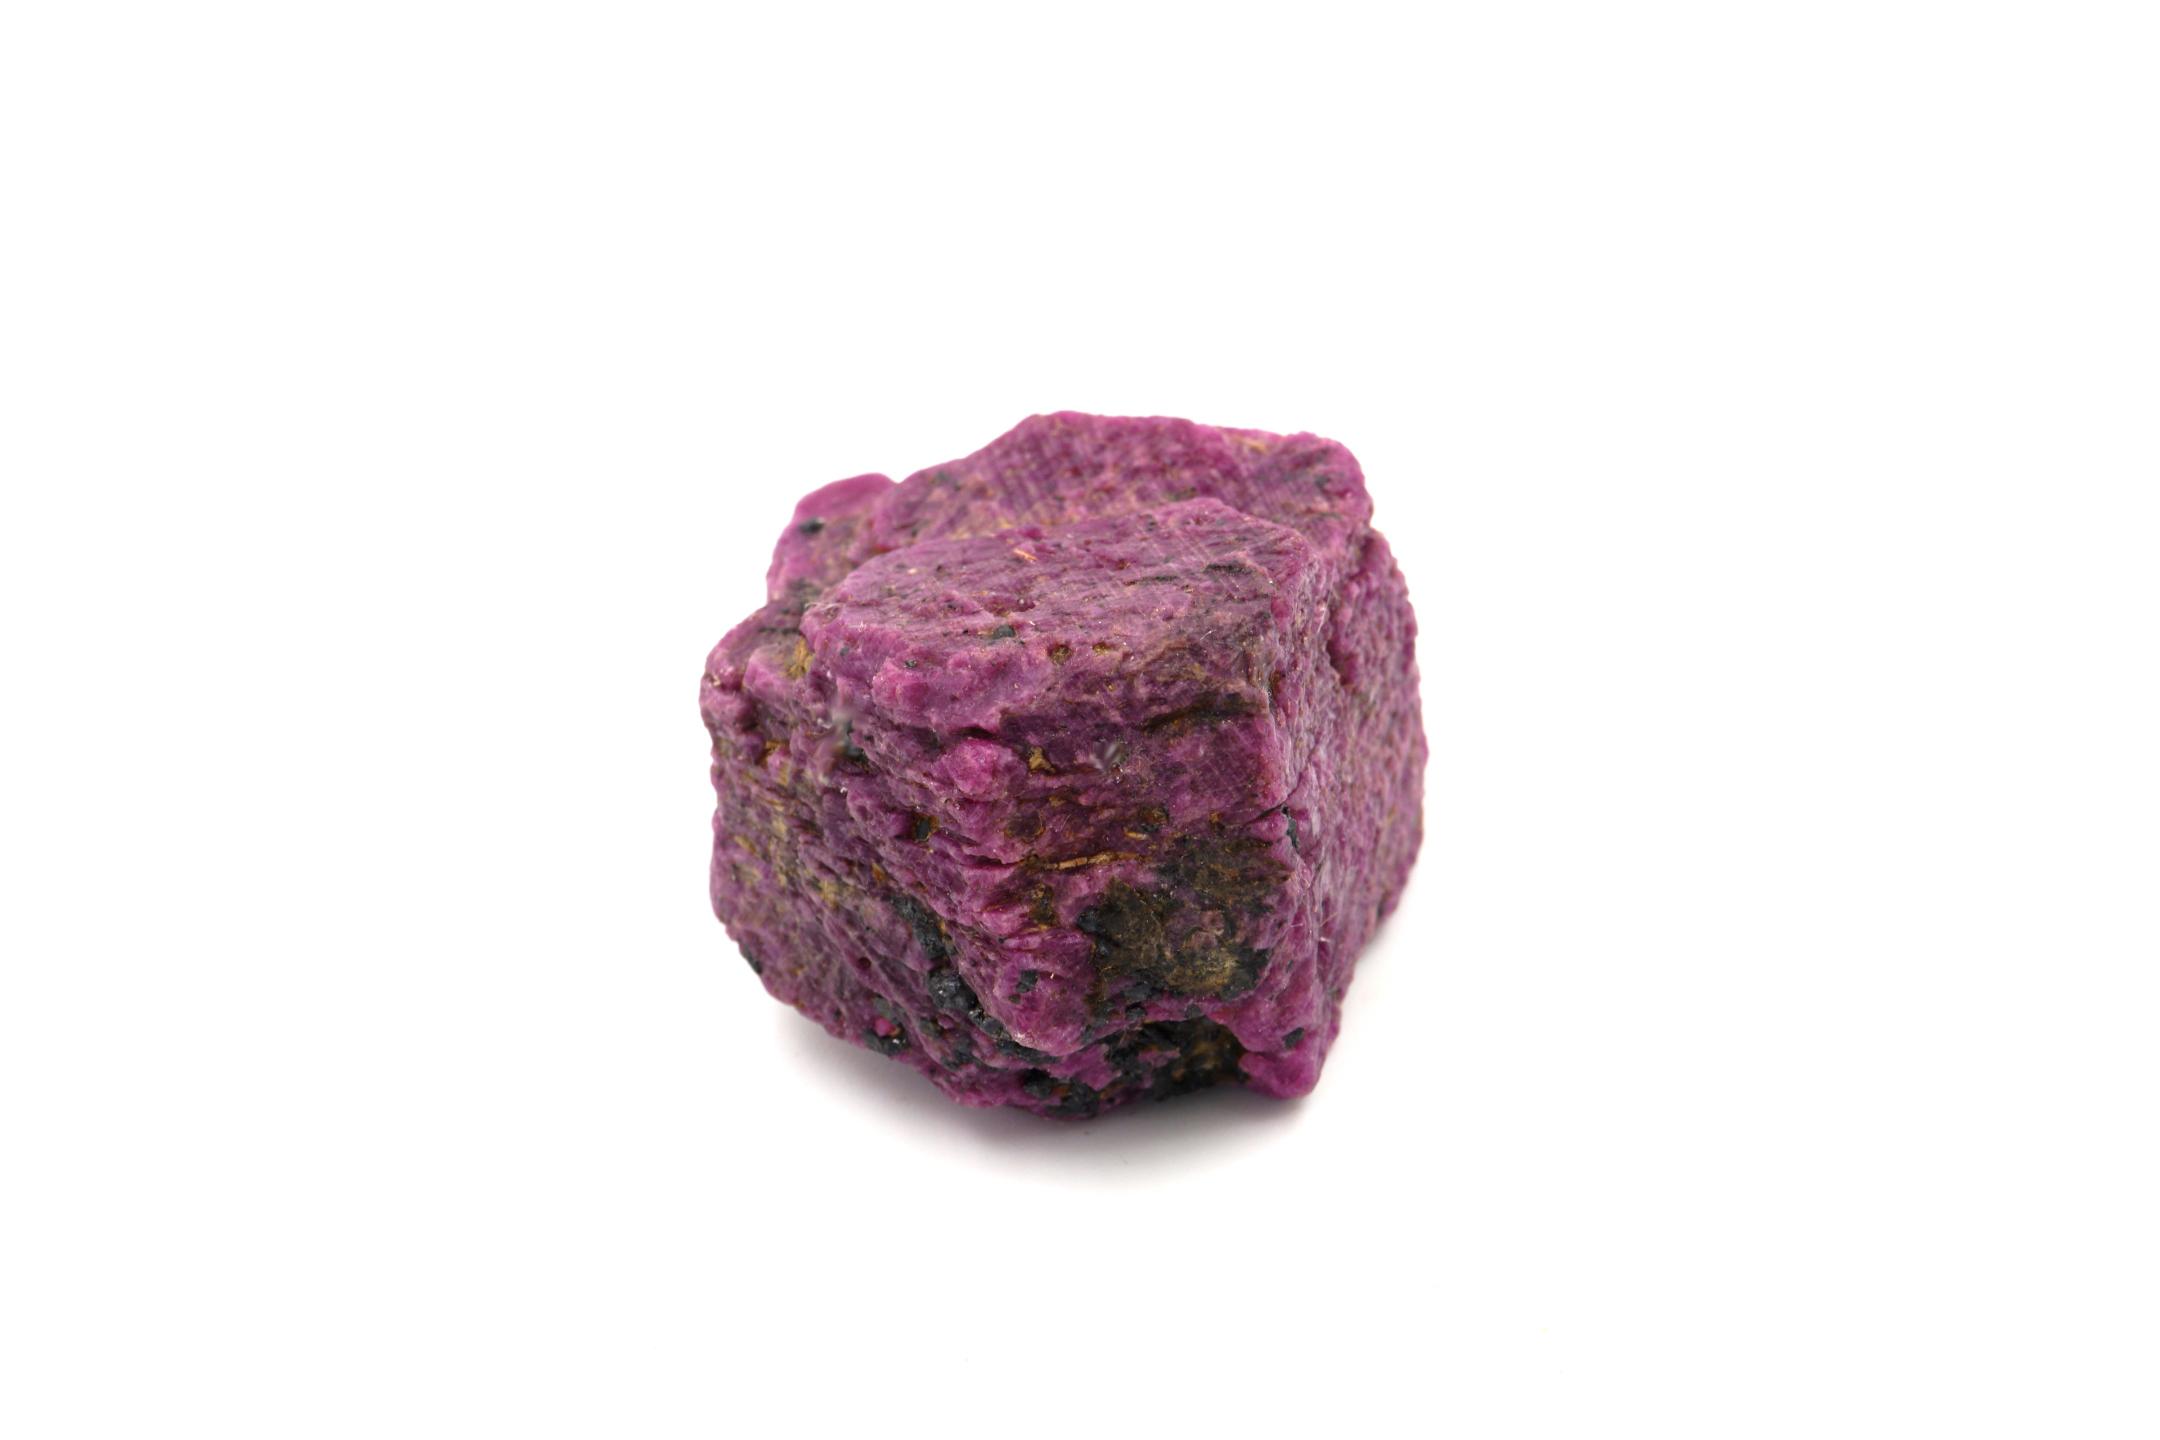 Quartz Rocks For Sale